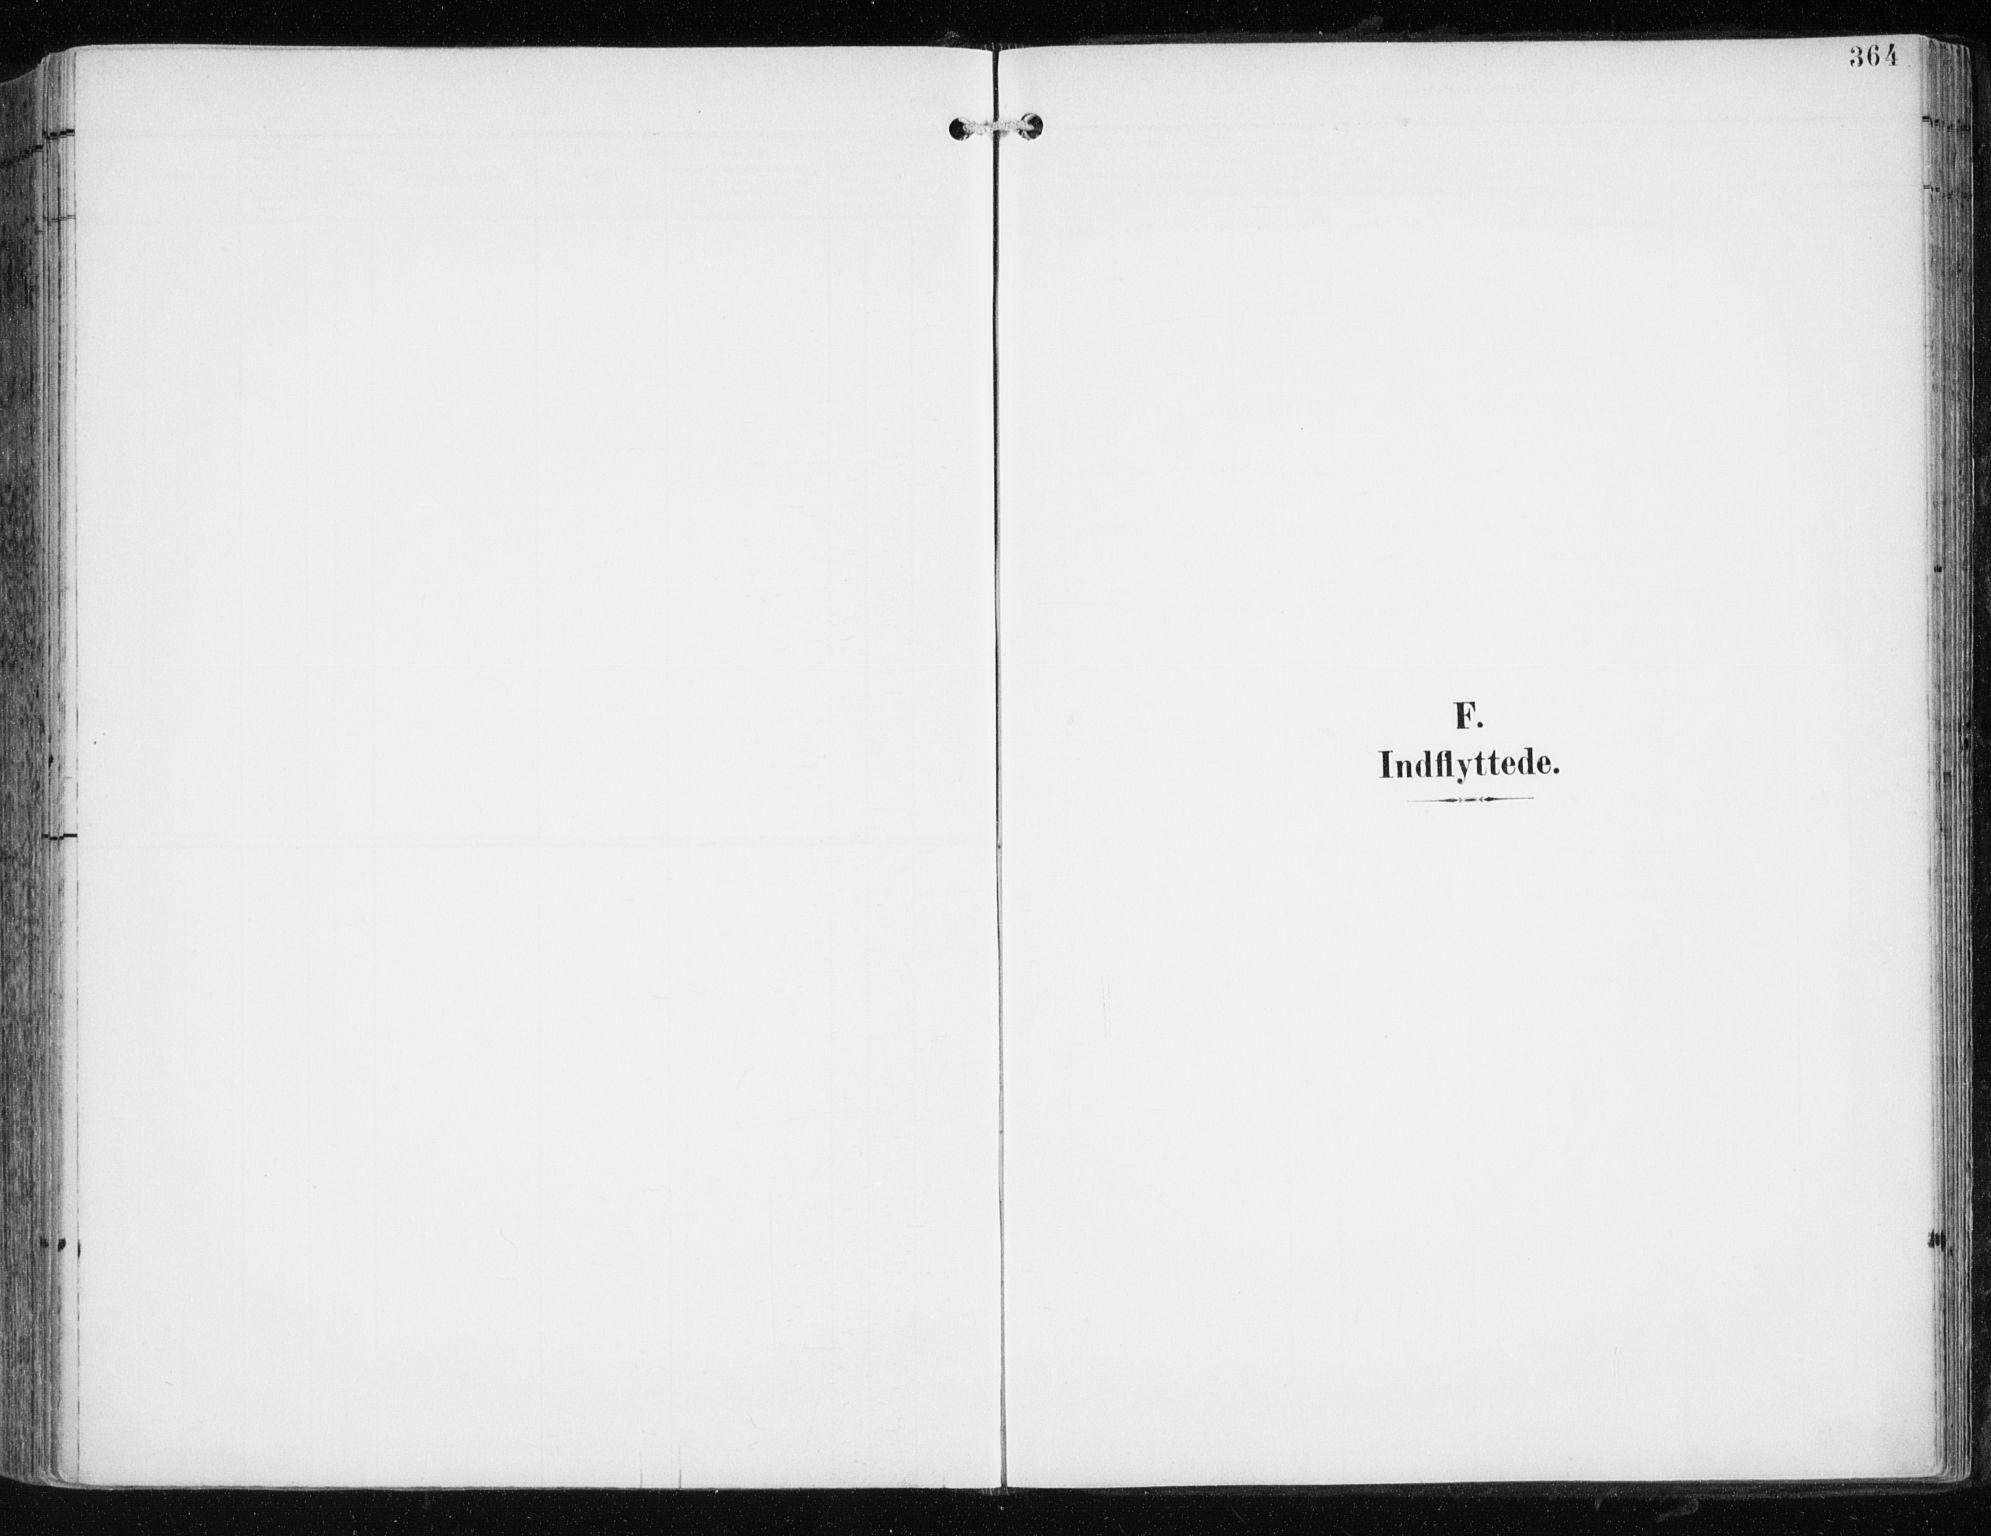 SATØ, Tromsøysund sokneprestkontor, G/Ga/L0006kirke: Ministerialbok nr. 6, 1897-1906, s. 364